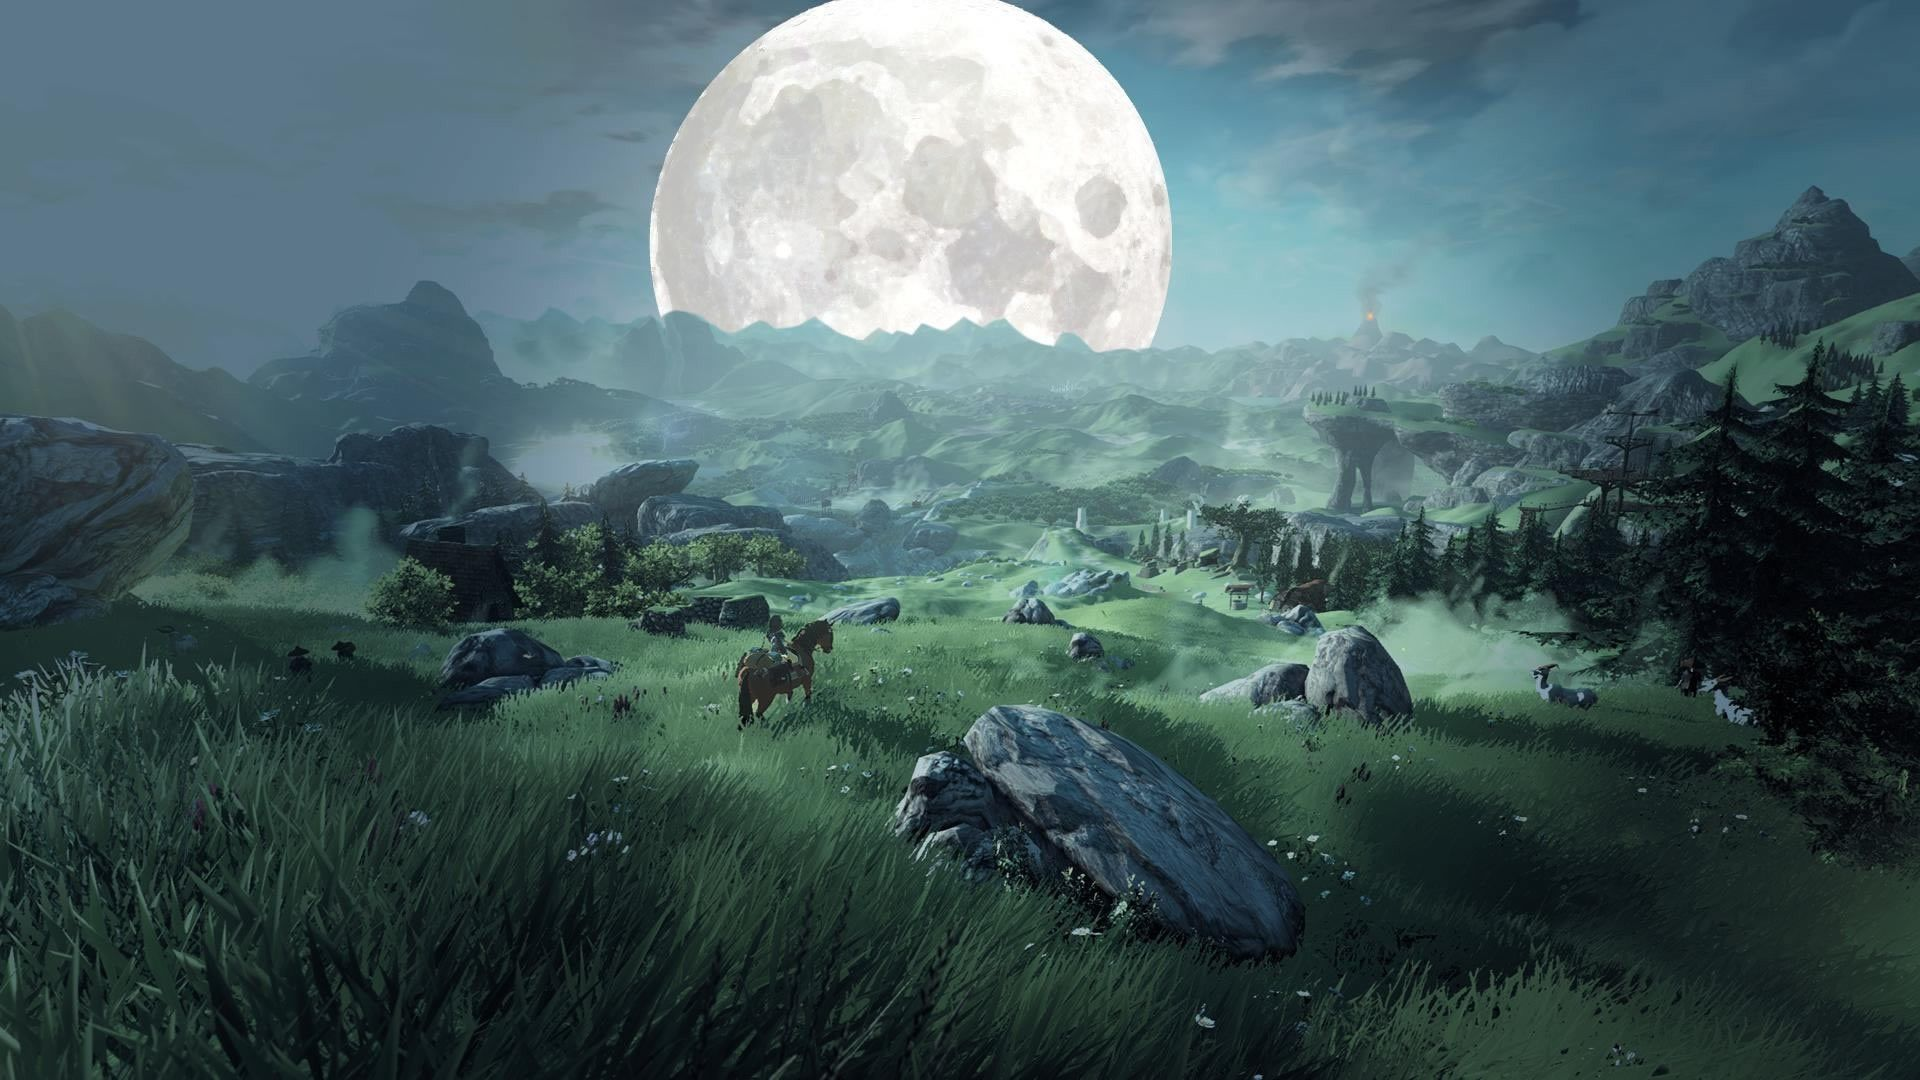 Zelda Breath Of The Wild Pc Emulator Effort Gets 23k A Month In Funding Http Ift Tt 2nhs Imagem De Fundo De Computador Hyrule Castle Personagem De Animacao